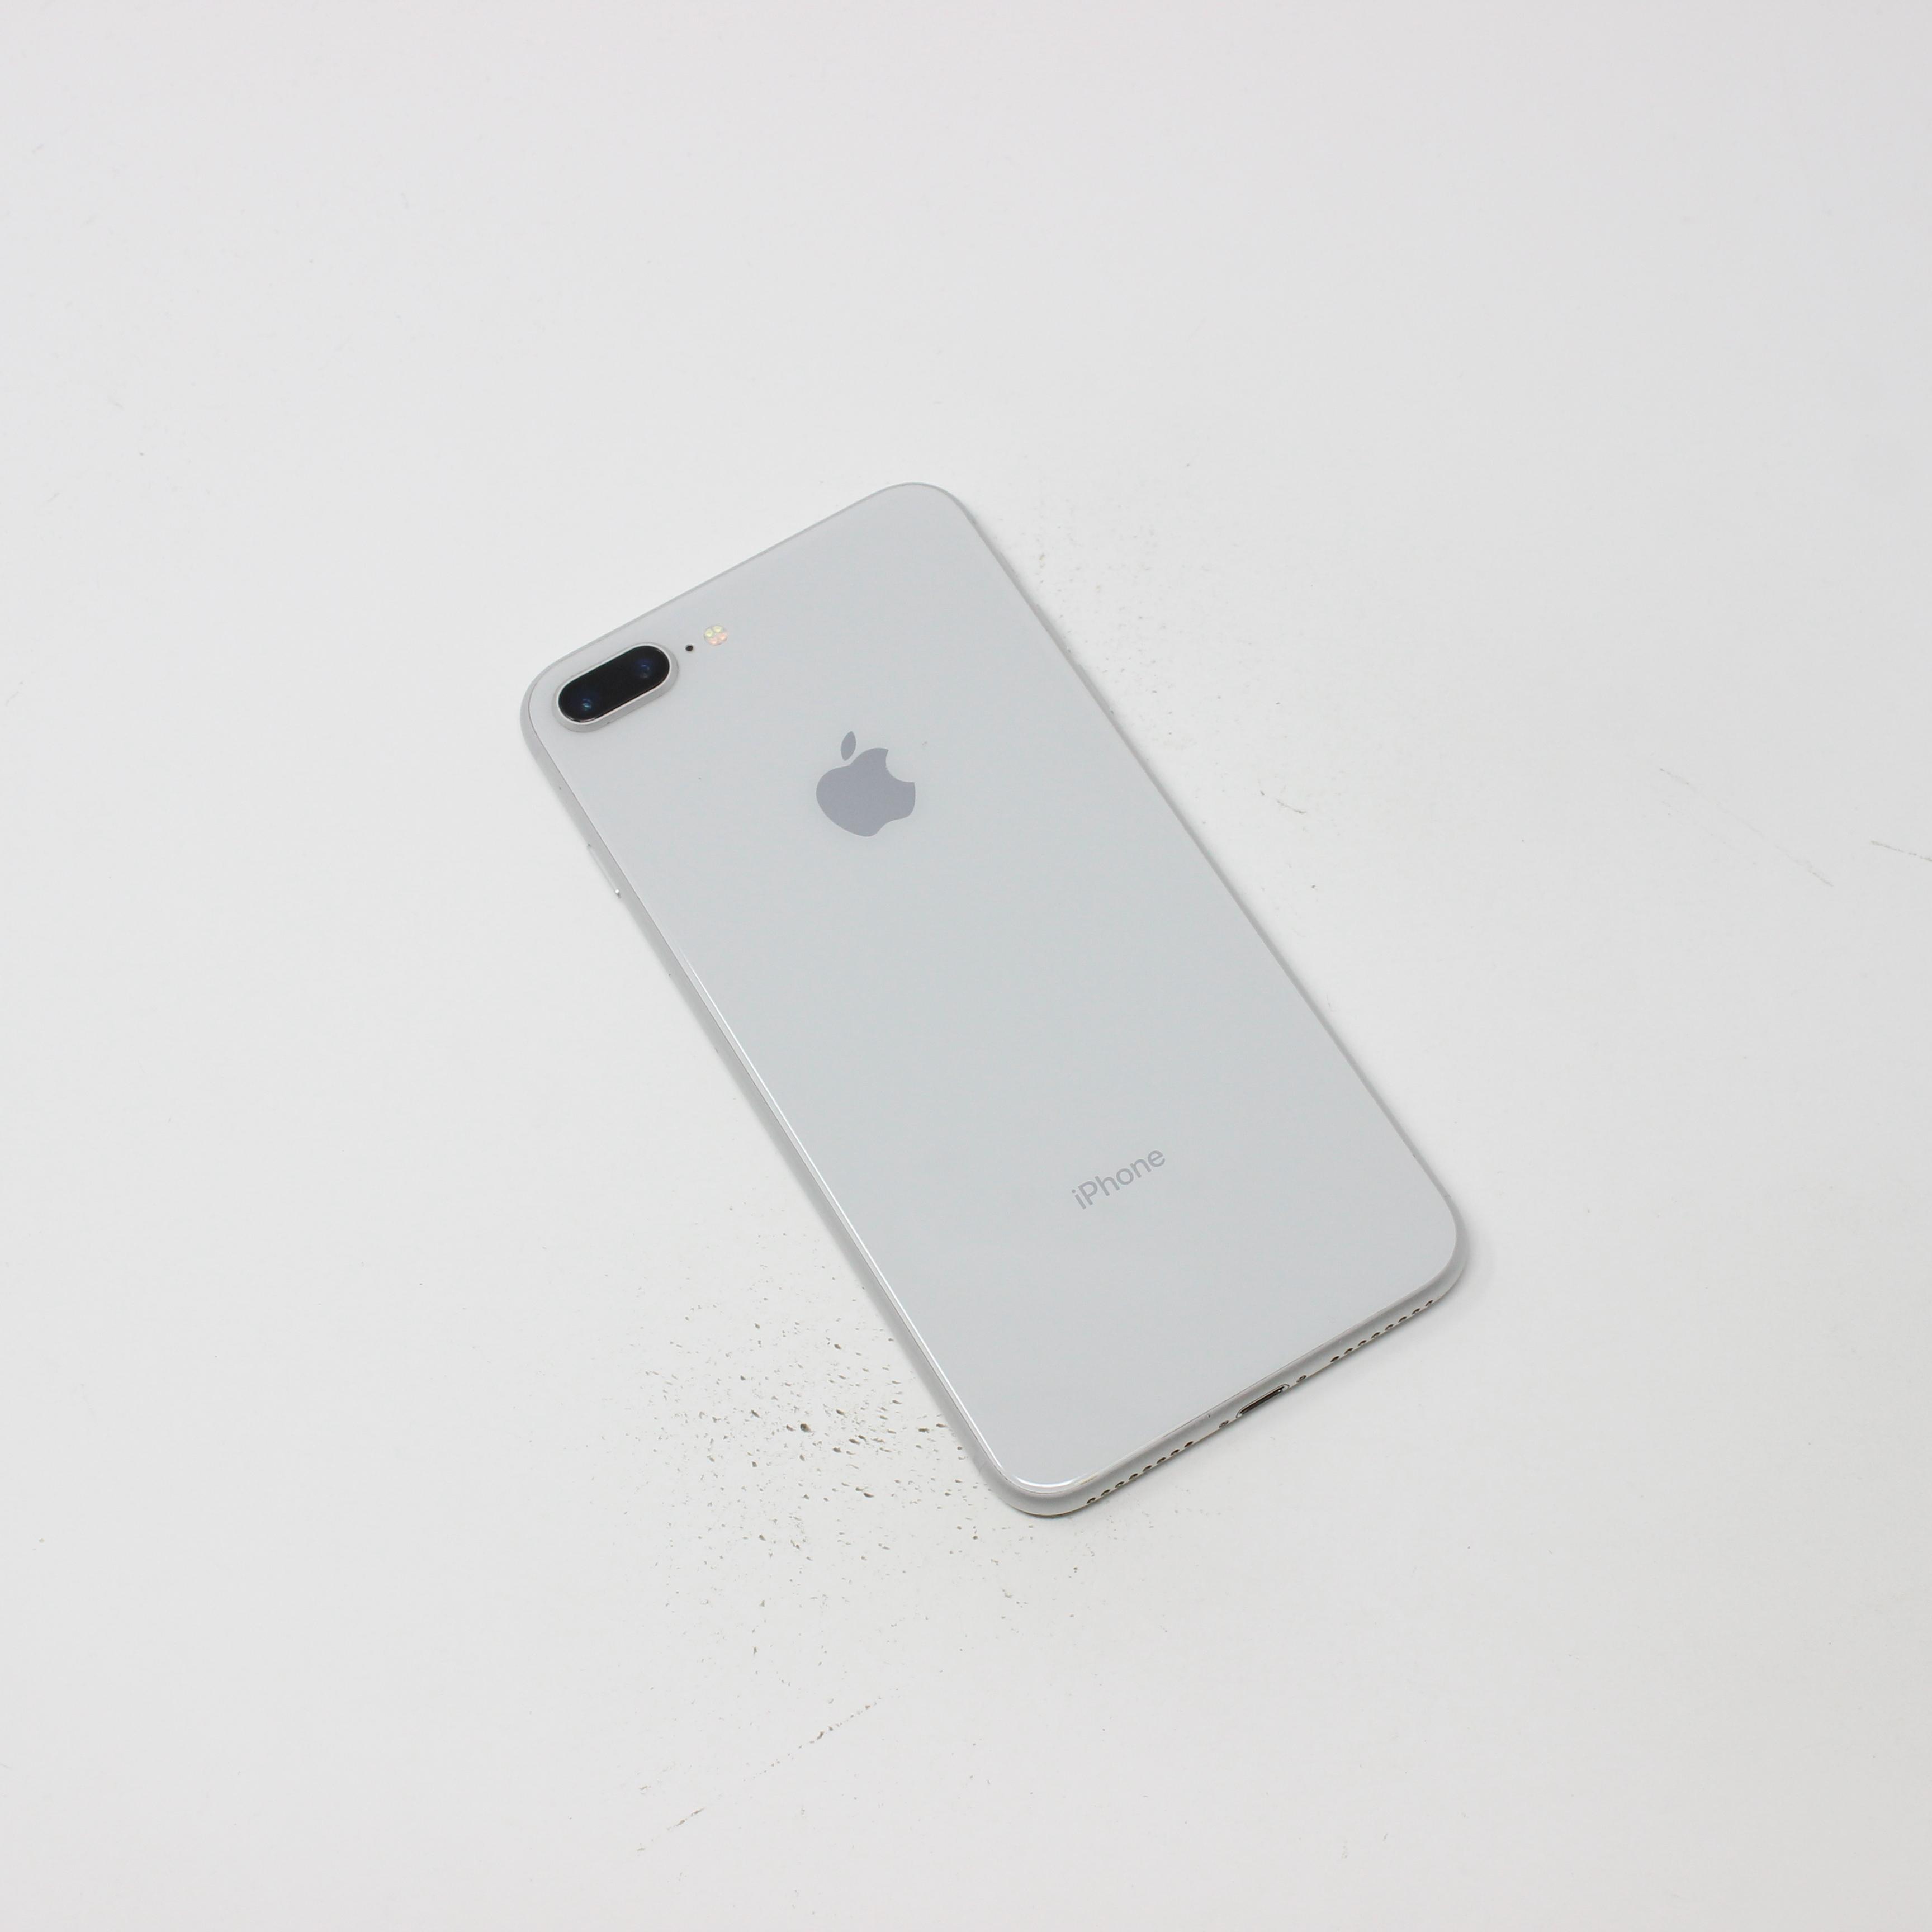 iPhone 8 Plus 64GB Silver - Verizon photo 3   UpTradeit.com